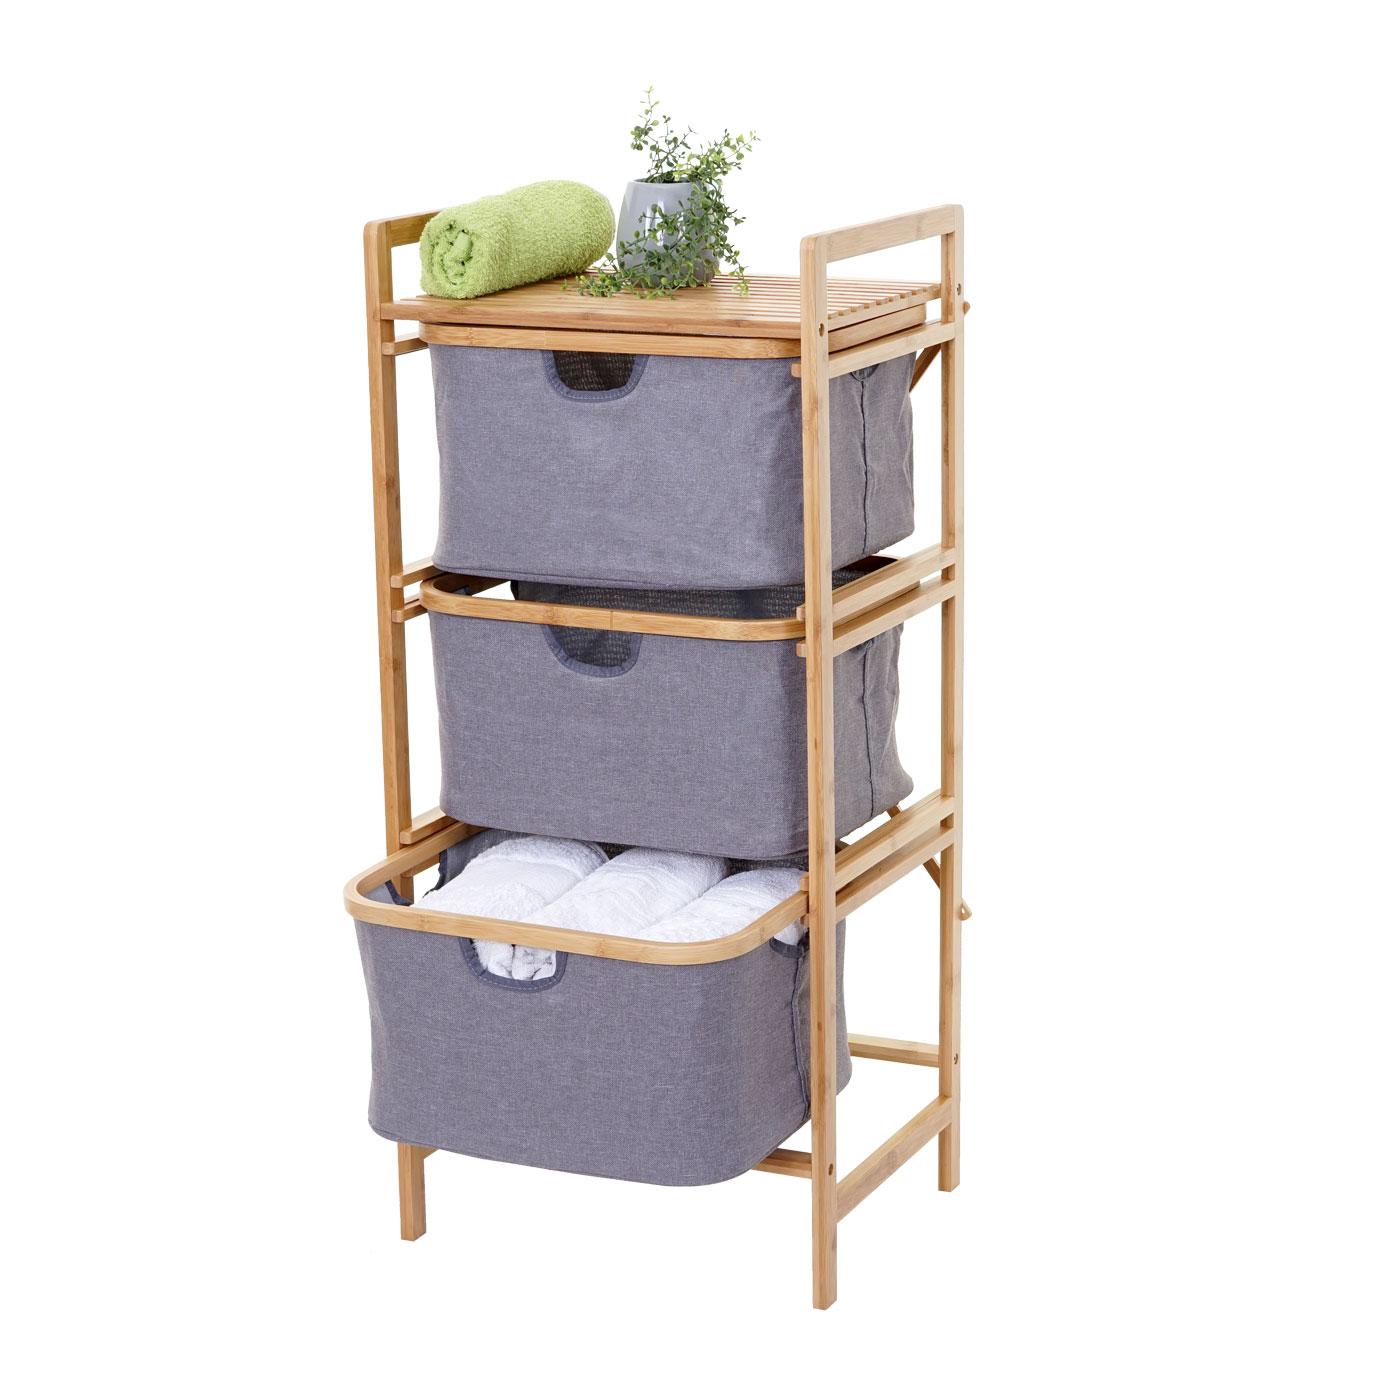 Wäschesammler HWC B20, Regal Wäschesortierer Wäschekorb Badregal  Aufbewahrung, Bambus 20x20x20cm 20l